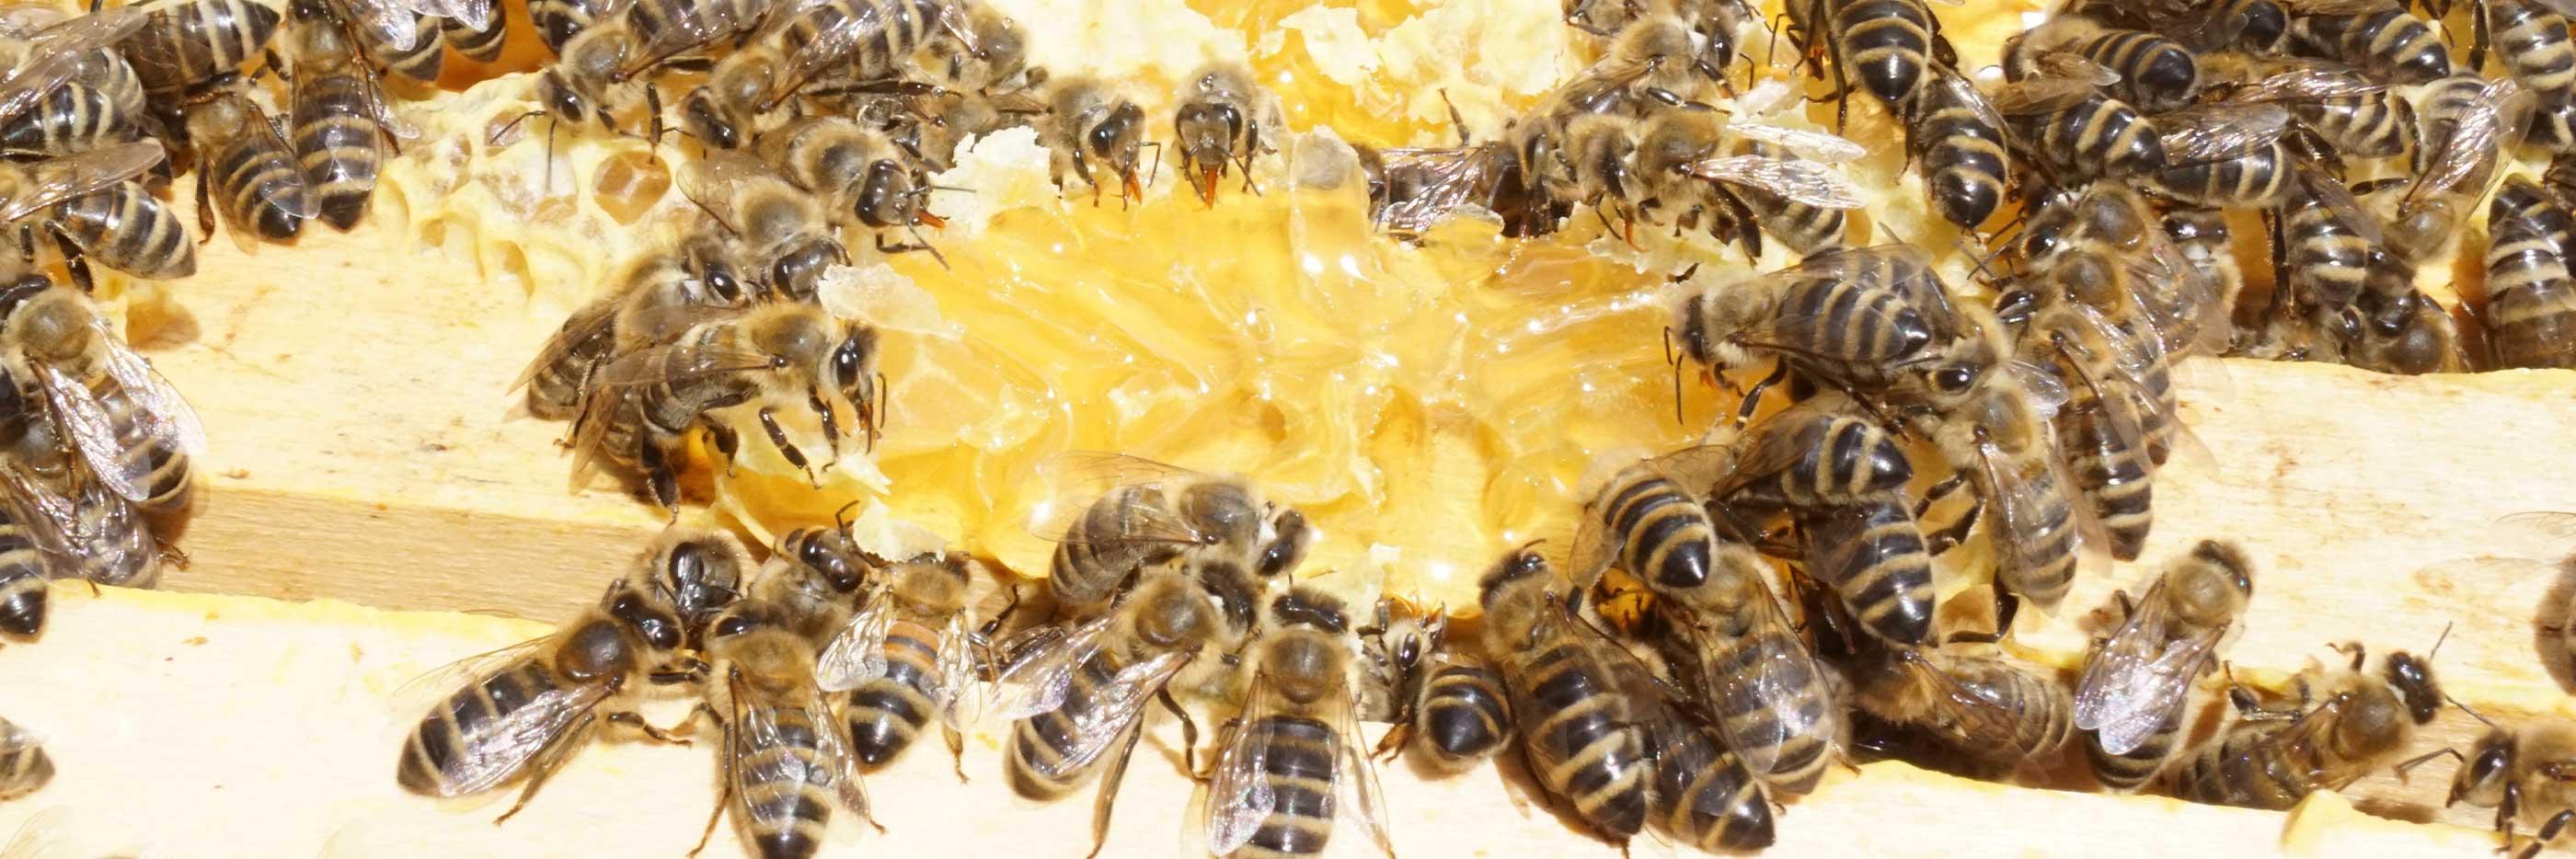 Das Bienenvolk sammelt den Honig aus den offenen Waben | mey®